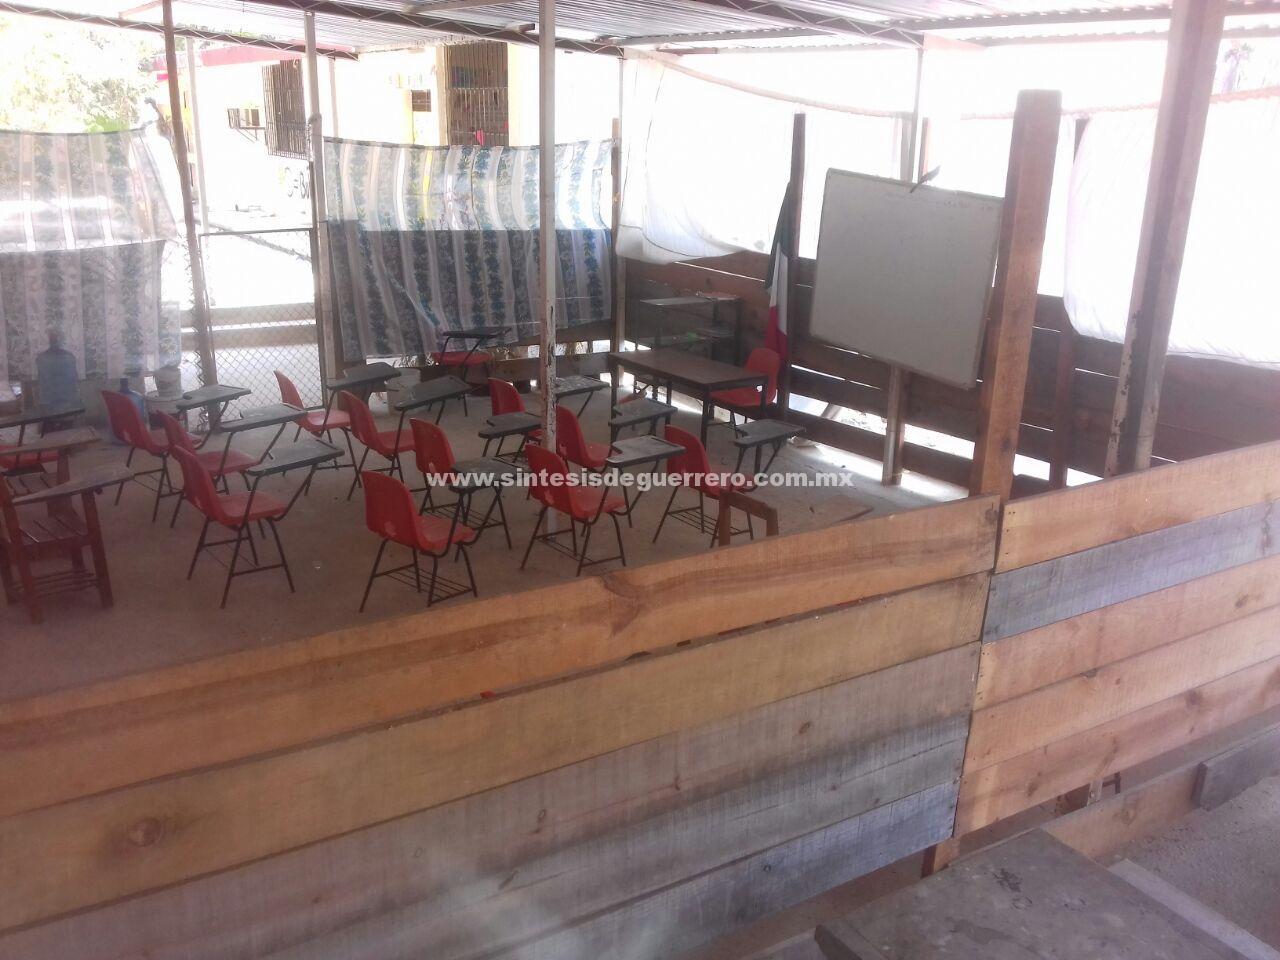 Incumple Igife con reconstrucción de escuela en San Luis Acatlán; en riesgo, casi 400 alumnos